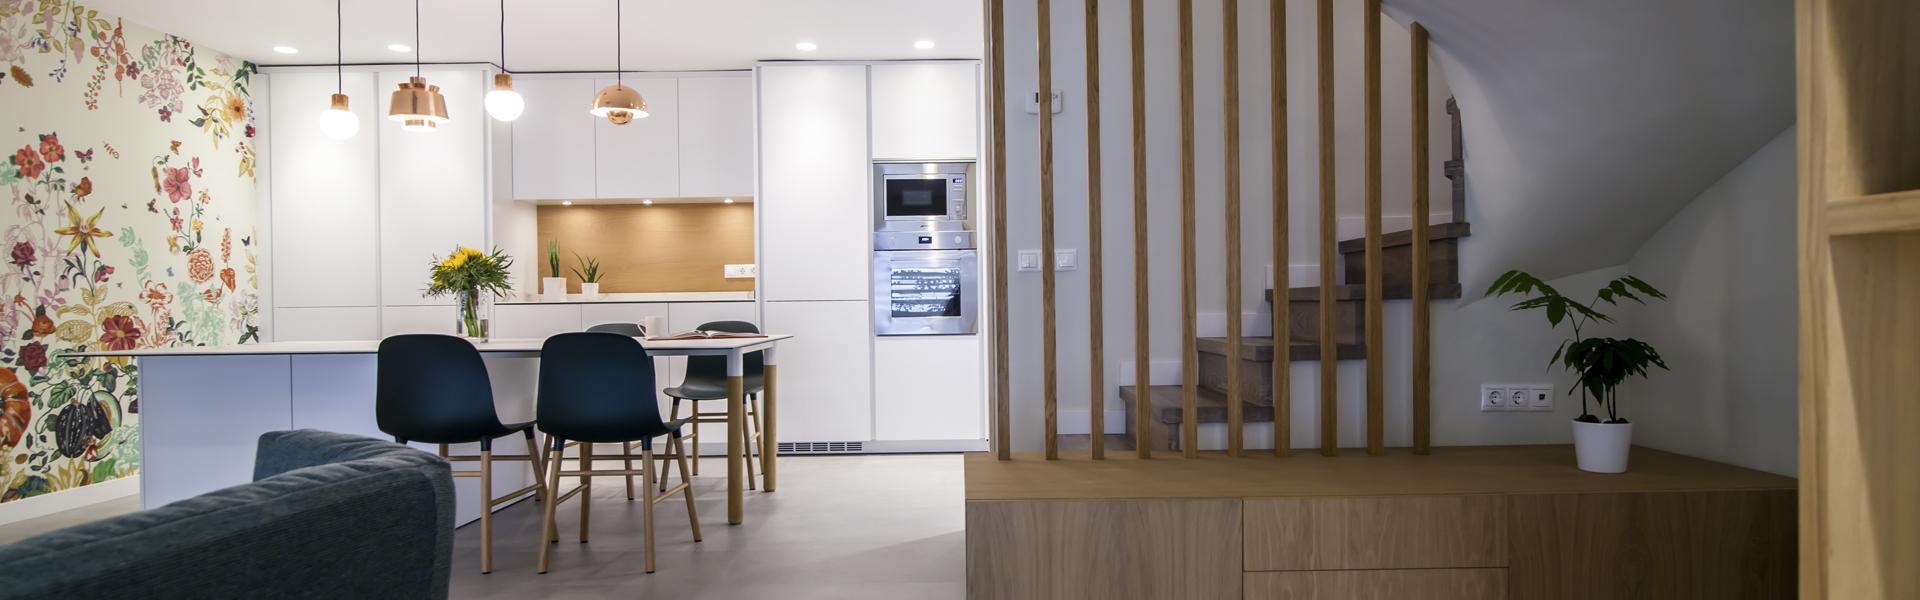 Santos cocinas nos presenta las cocinas abiertas artycocina - Unir cocina y salon ...